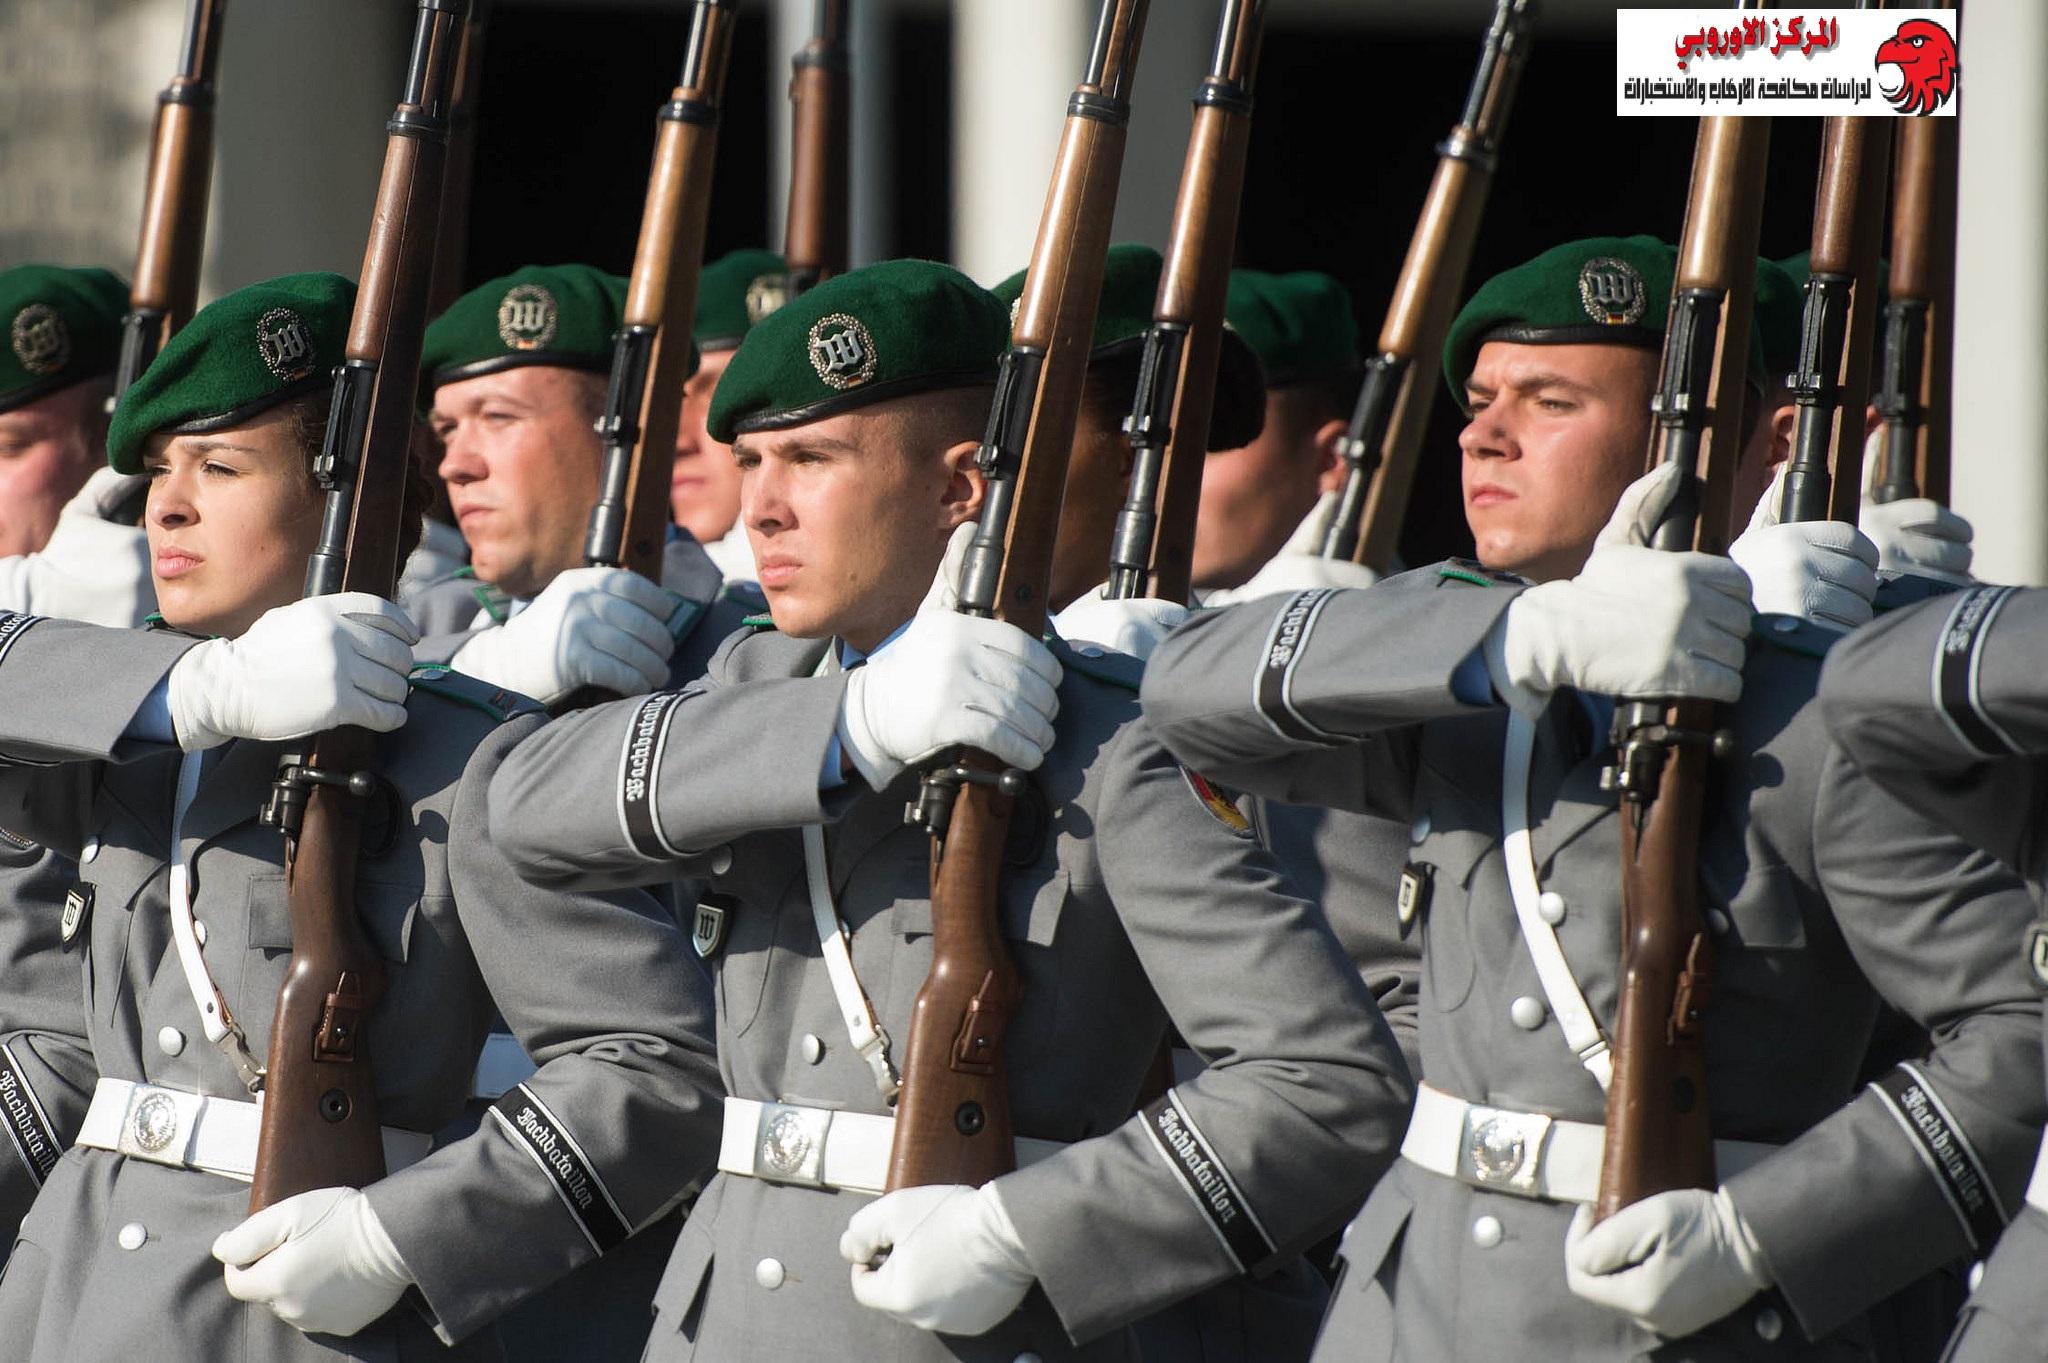 مساعي الحكومة الألمانية لمكافحة الإرهاب والهجرة غير الشرعية في ليبيا